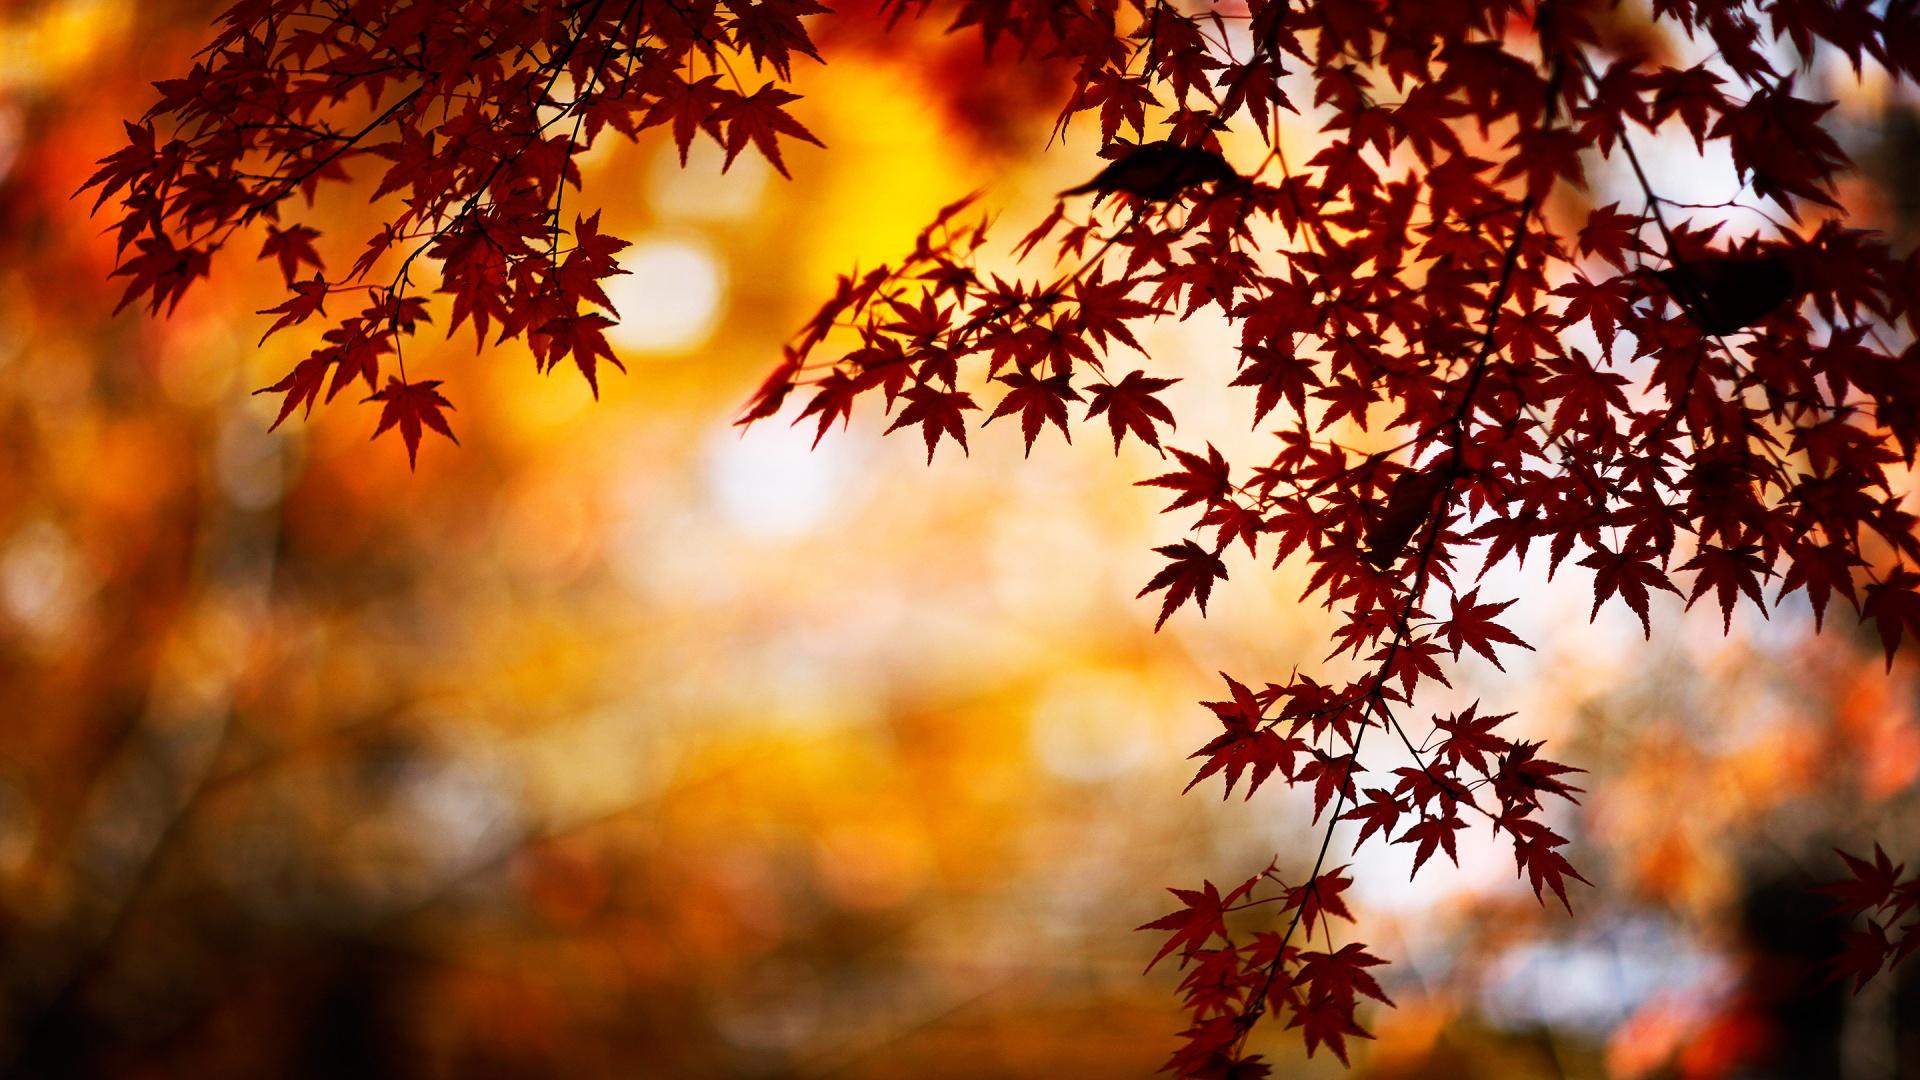 Fall Wallpapers HD | PixelsTalk Net